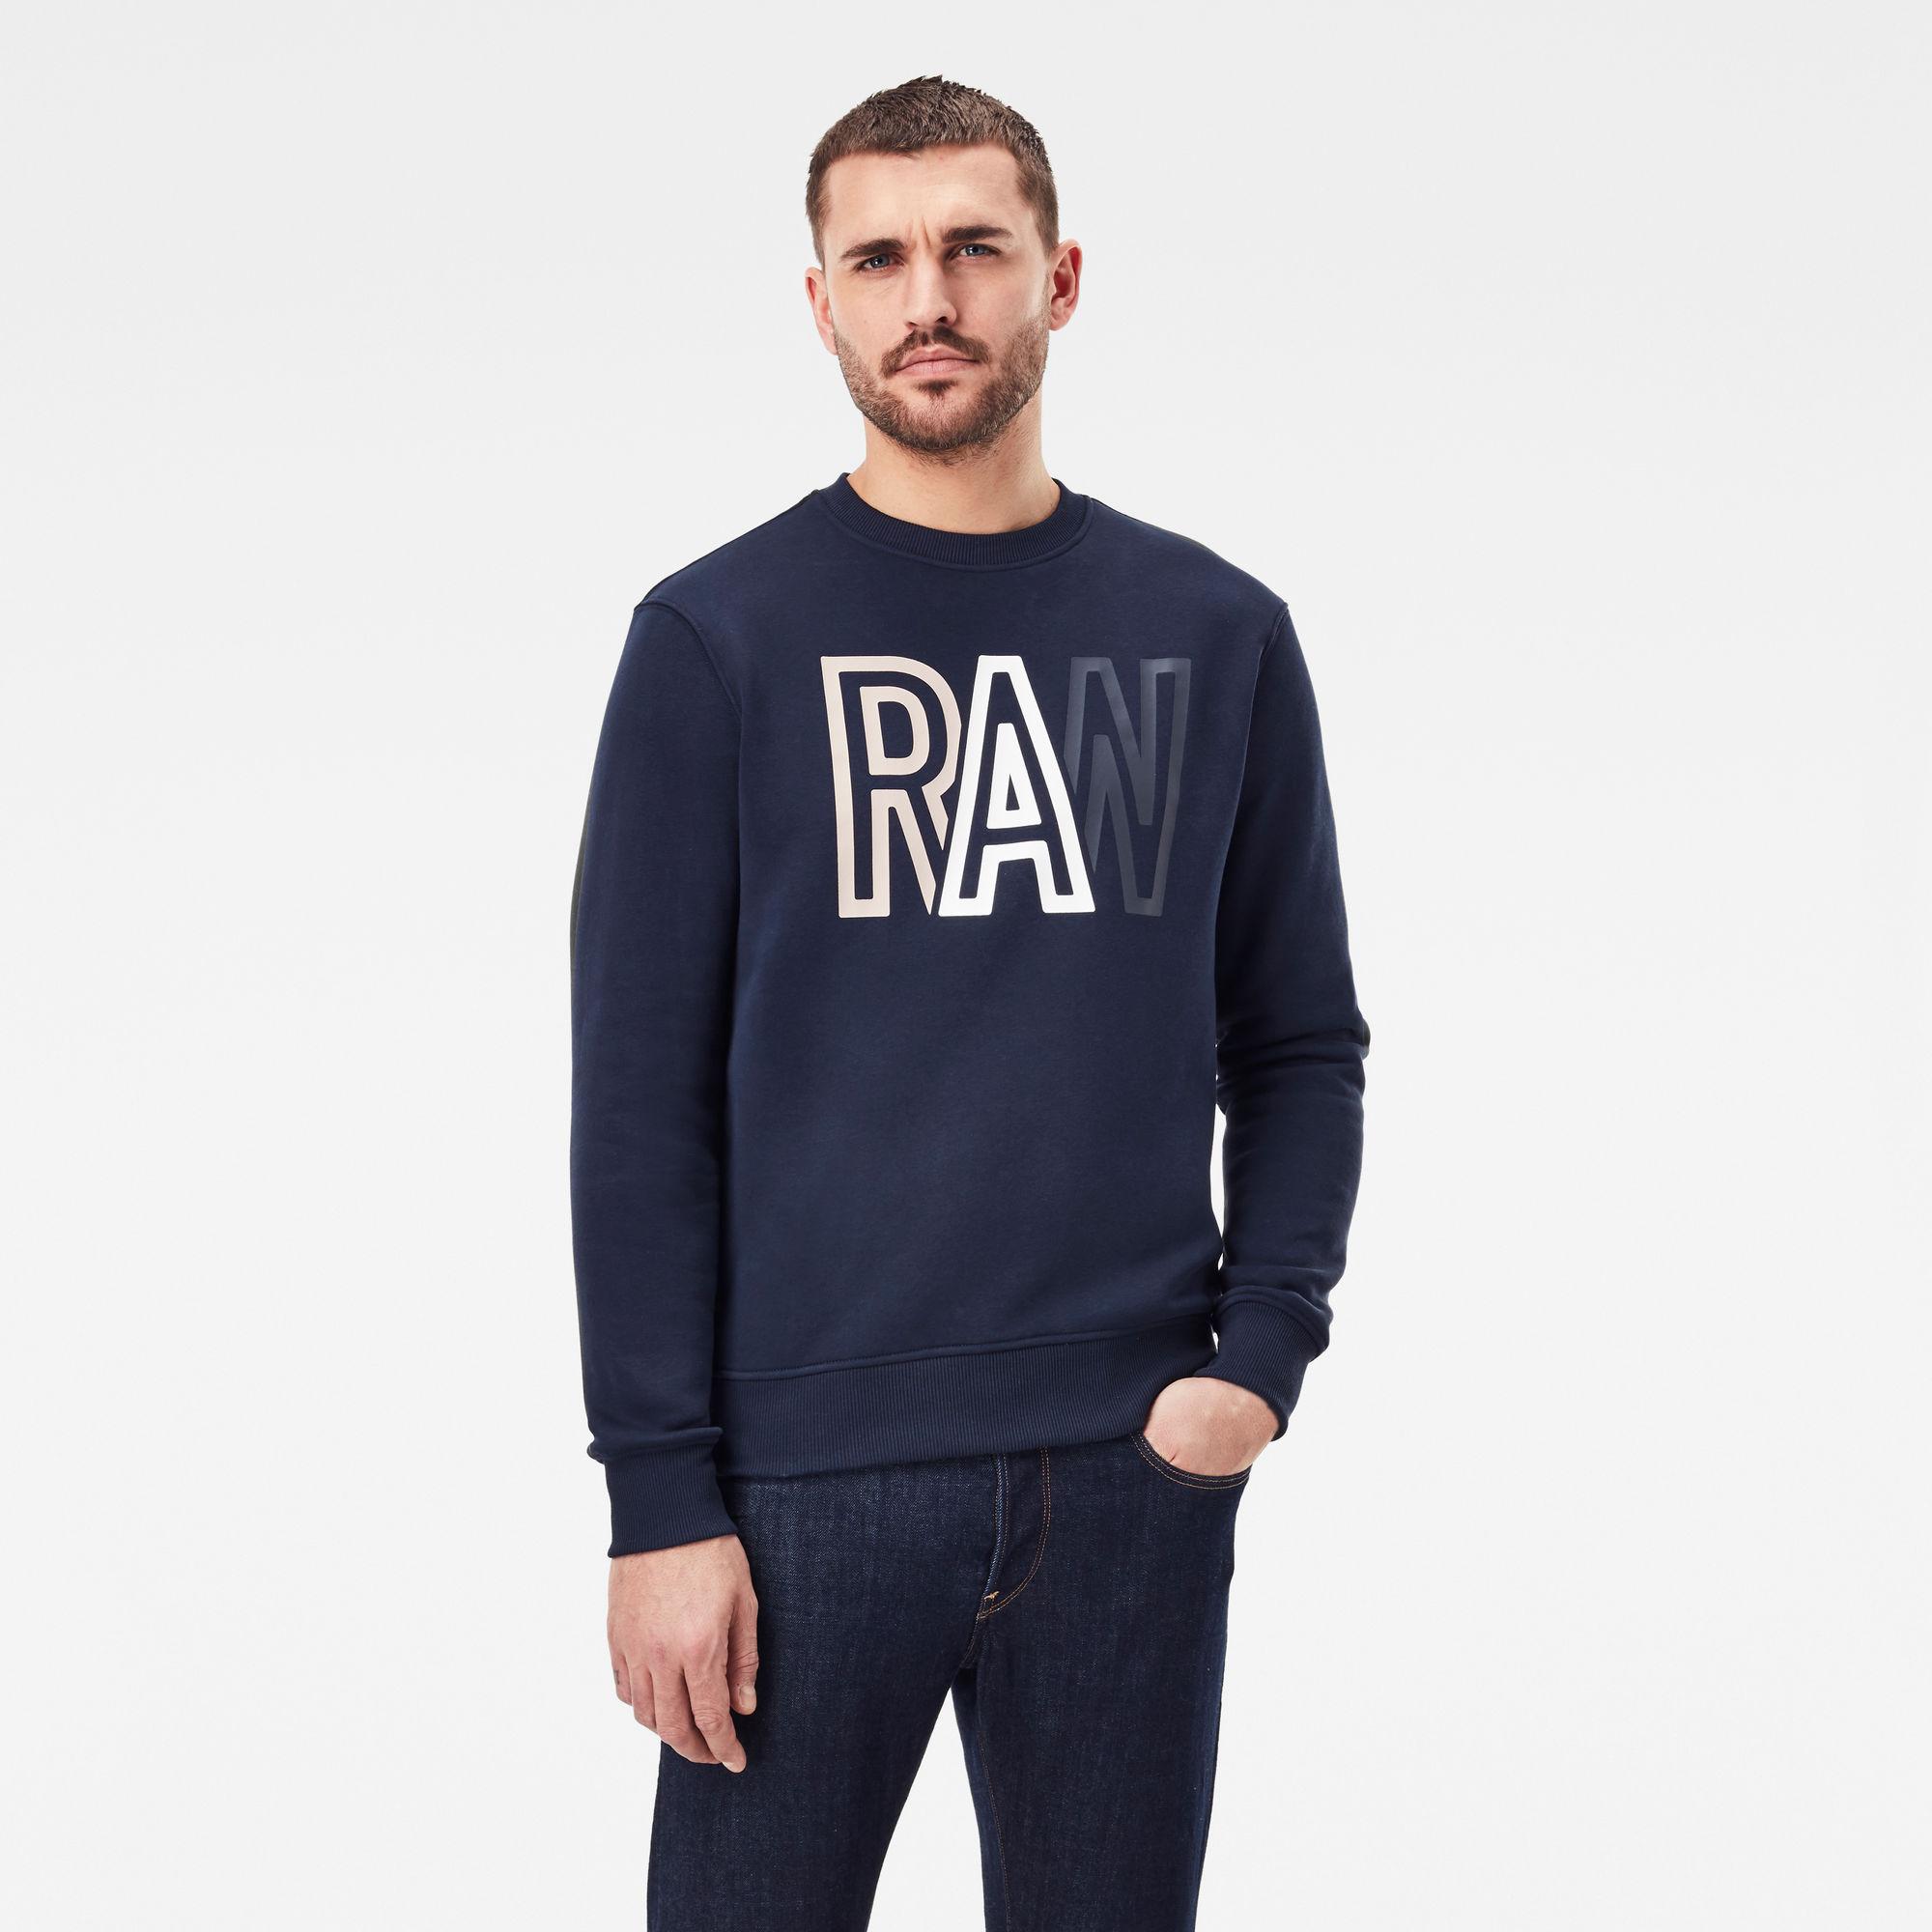 G-Star RAW Heren Raw Sweater Donkerblauw